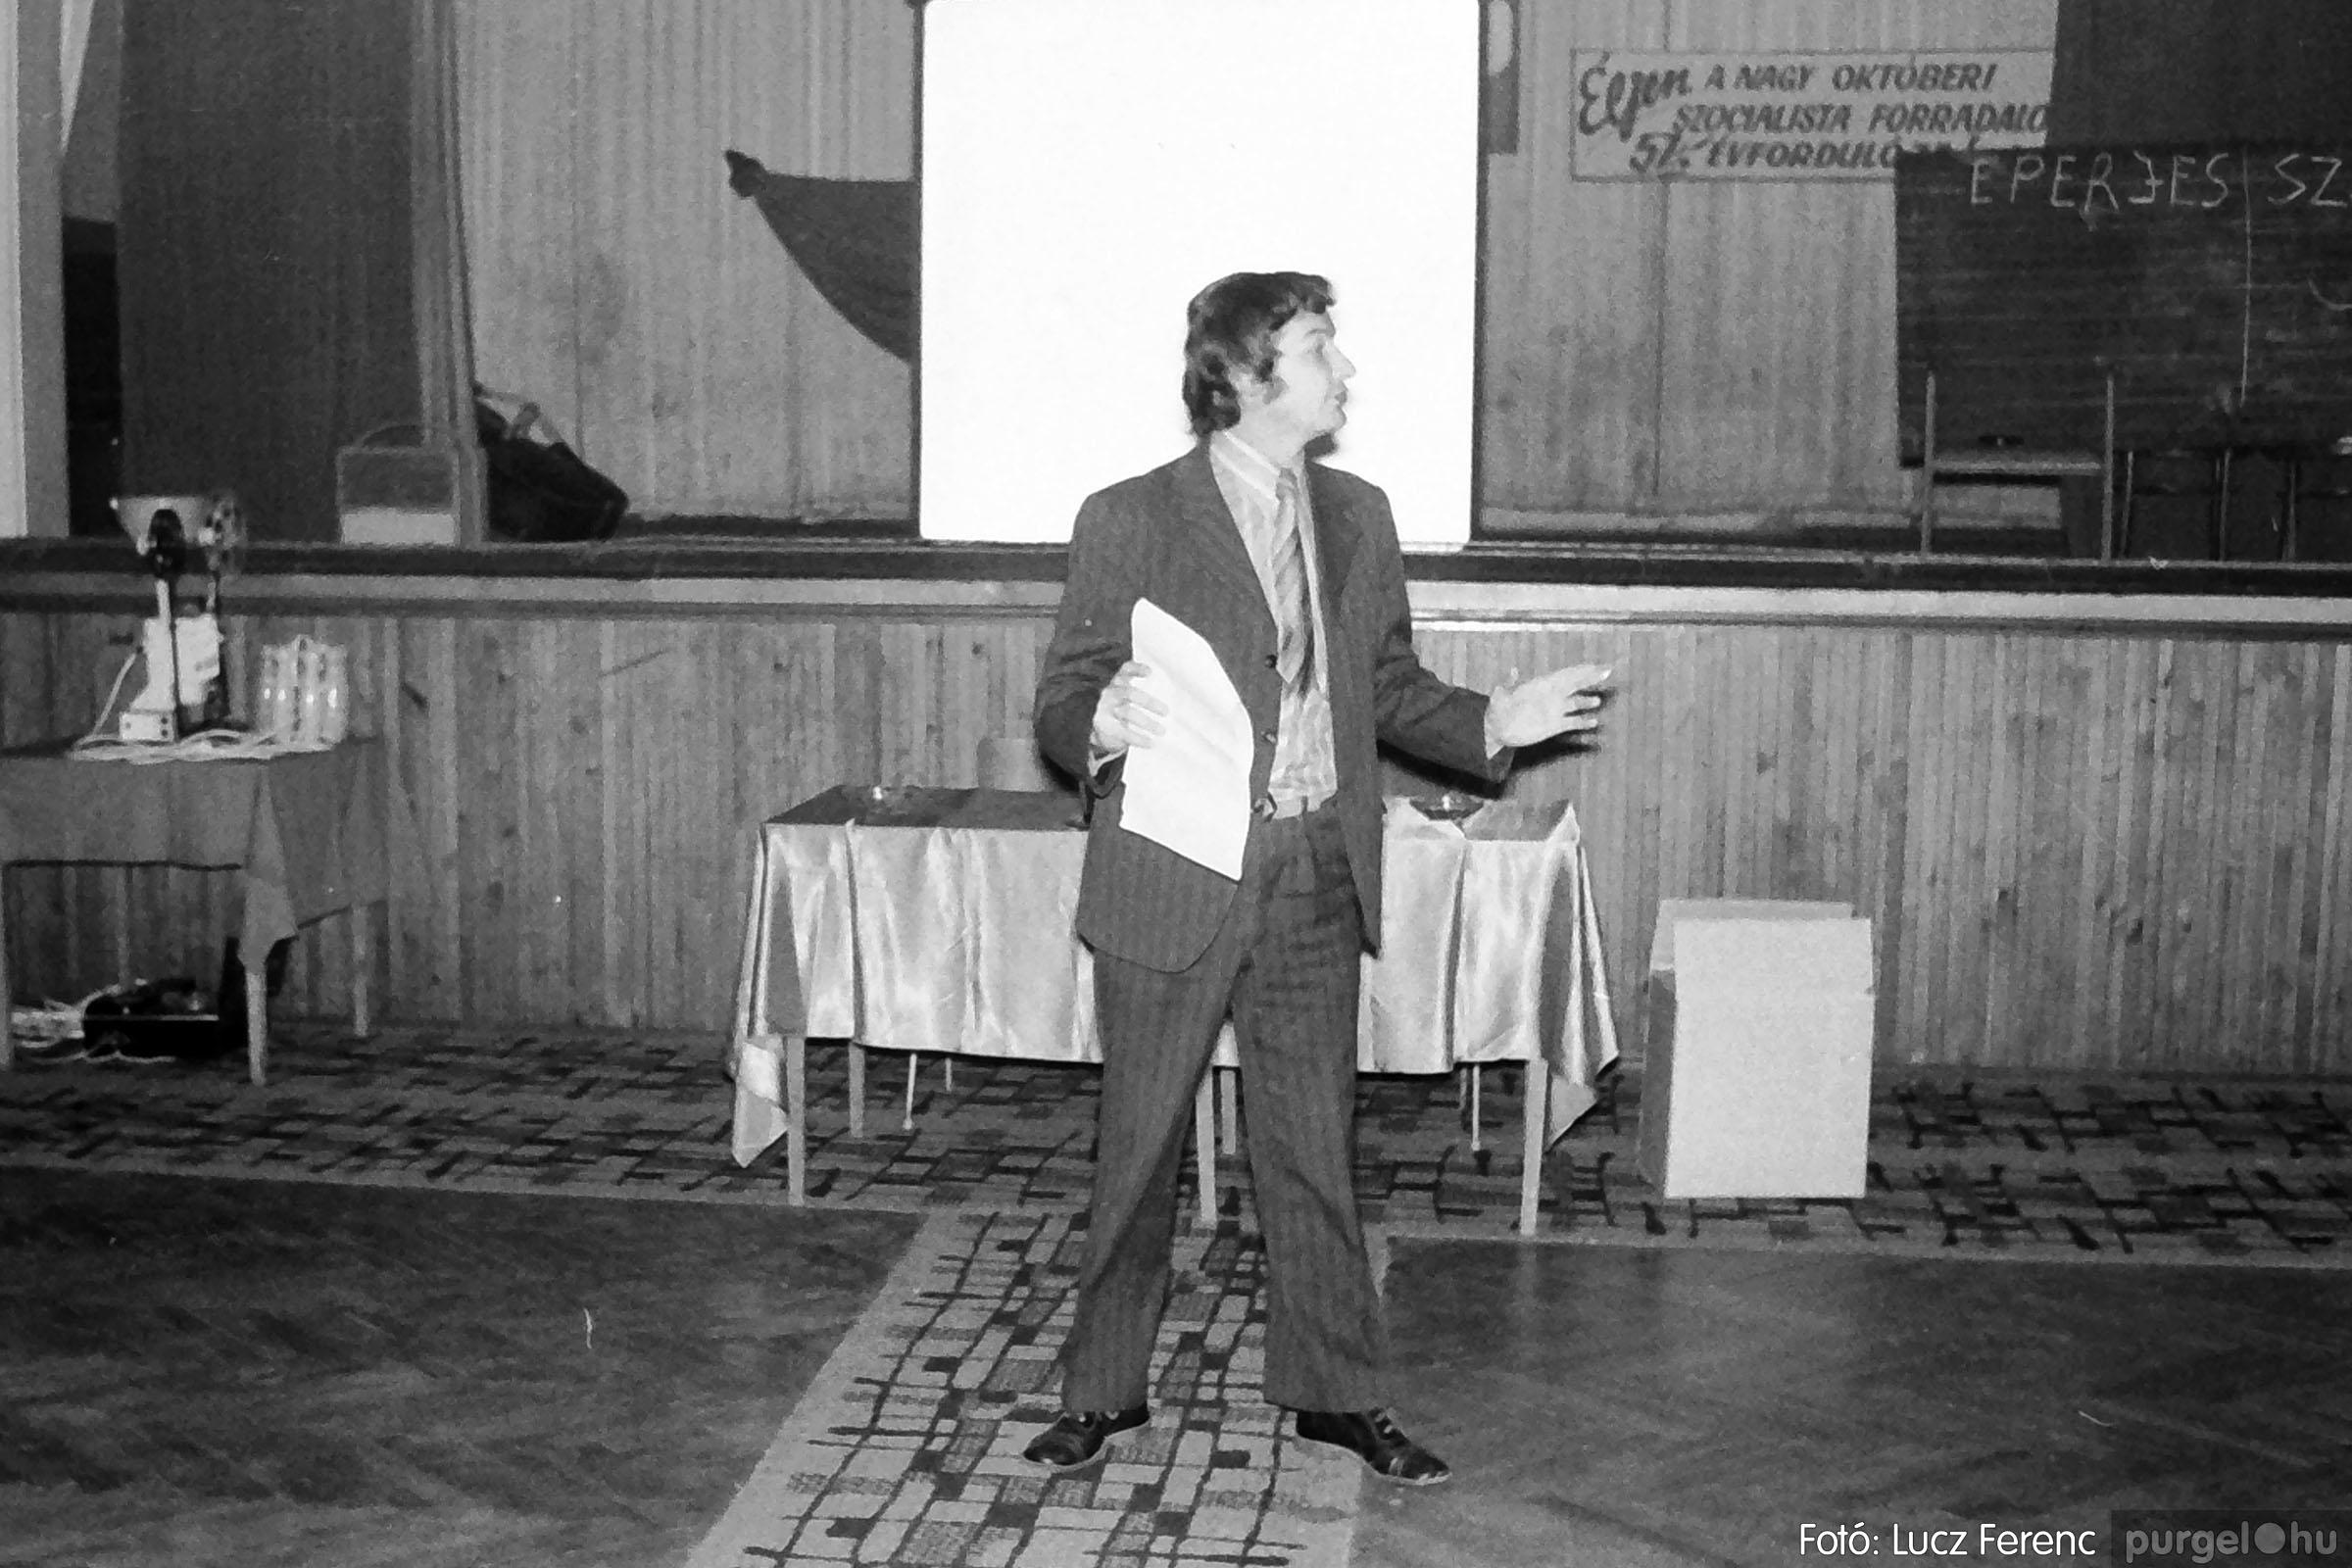 004A 1970-es évek - Kendergyári dolgozók vetélkedője 001 - Fotó: Lucz Ferenc IMG00081q.jpg